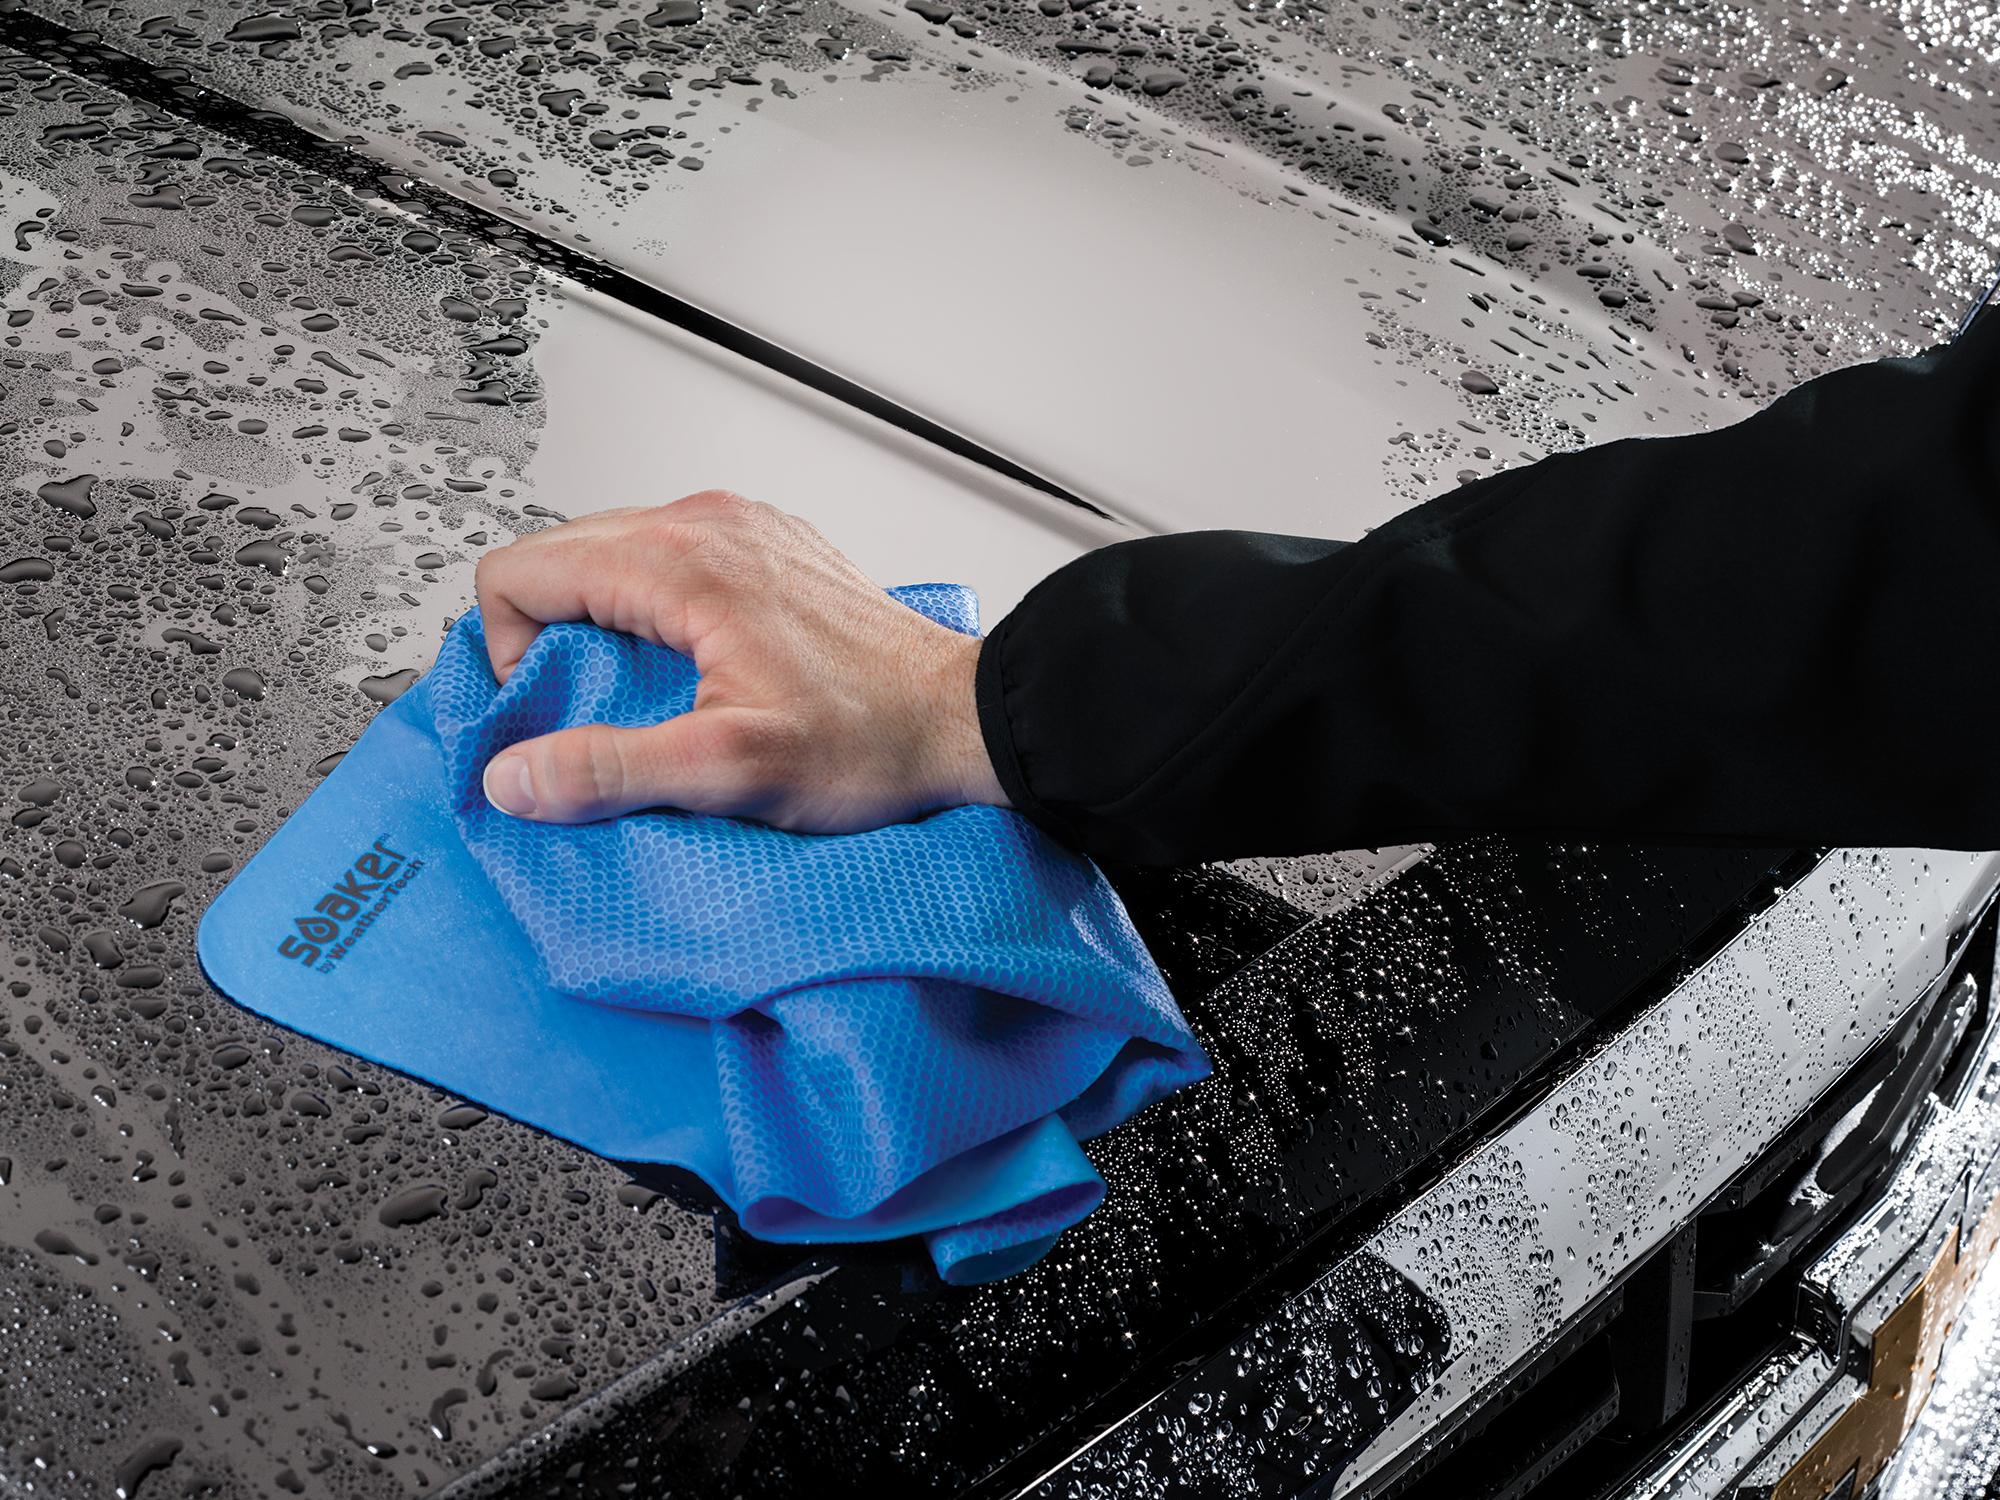 Weathertech floor mats cleaning - Soaker